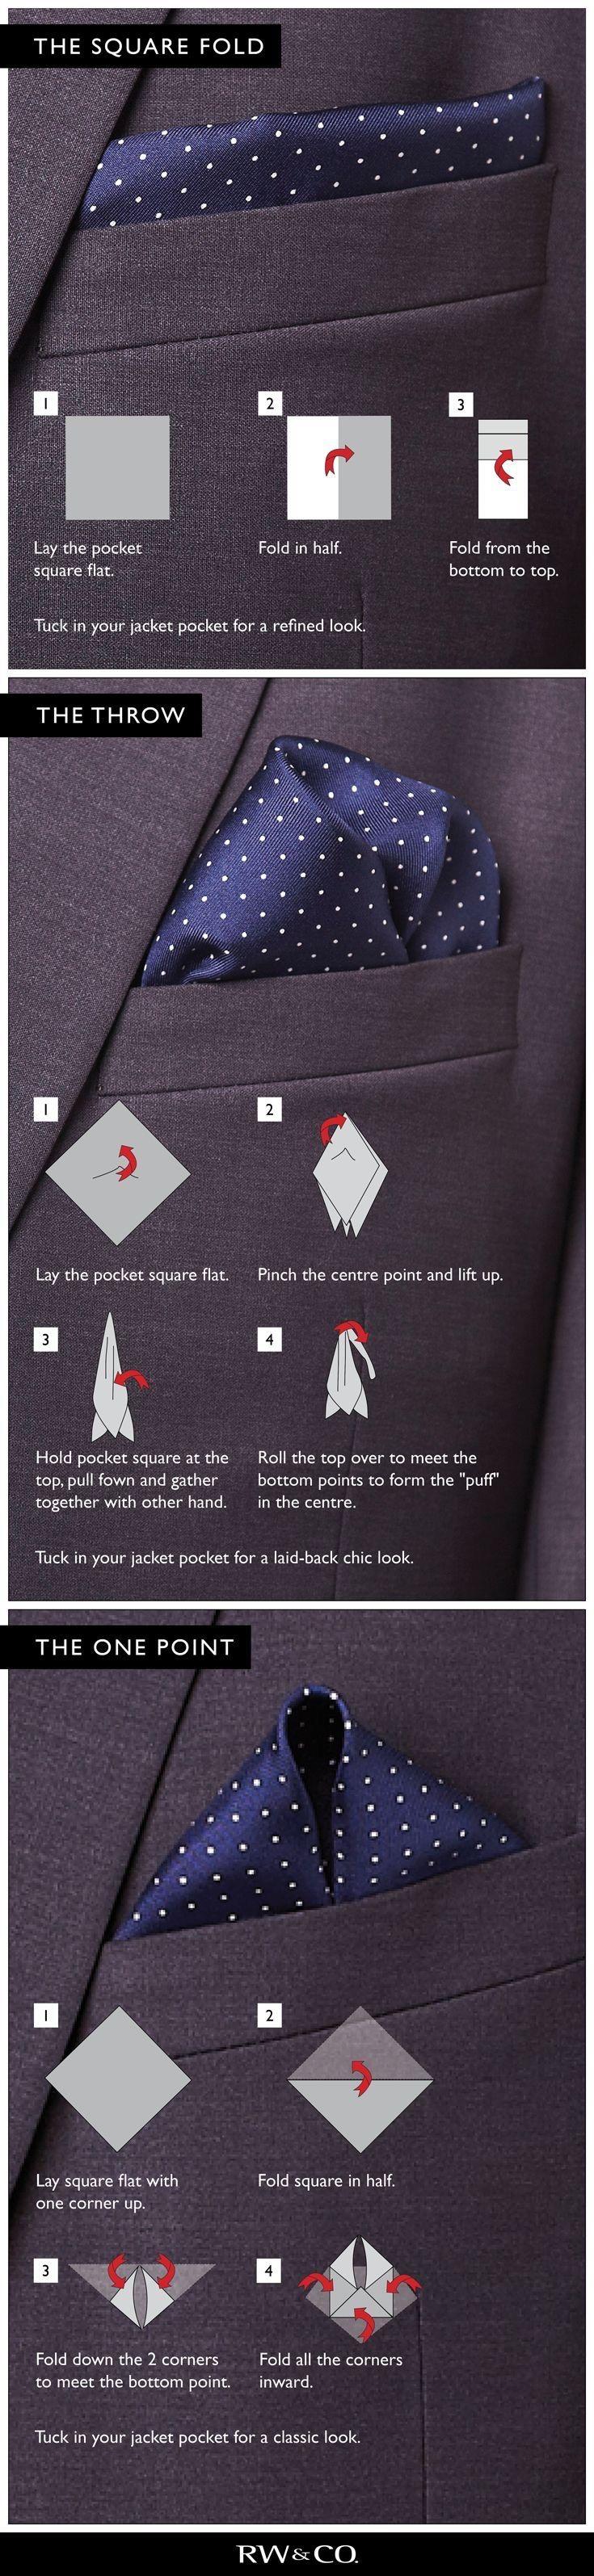 How to wear a handkerchief. ...repinned vom GentlemanClub viele tolle Pins rund um das Thema Menswear- schauen Sie auch mal im Blog vorbei www.thegentemanclub.de